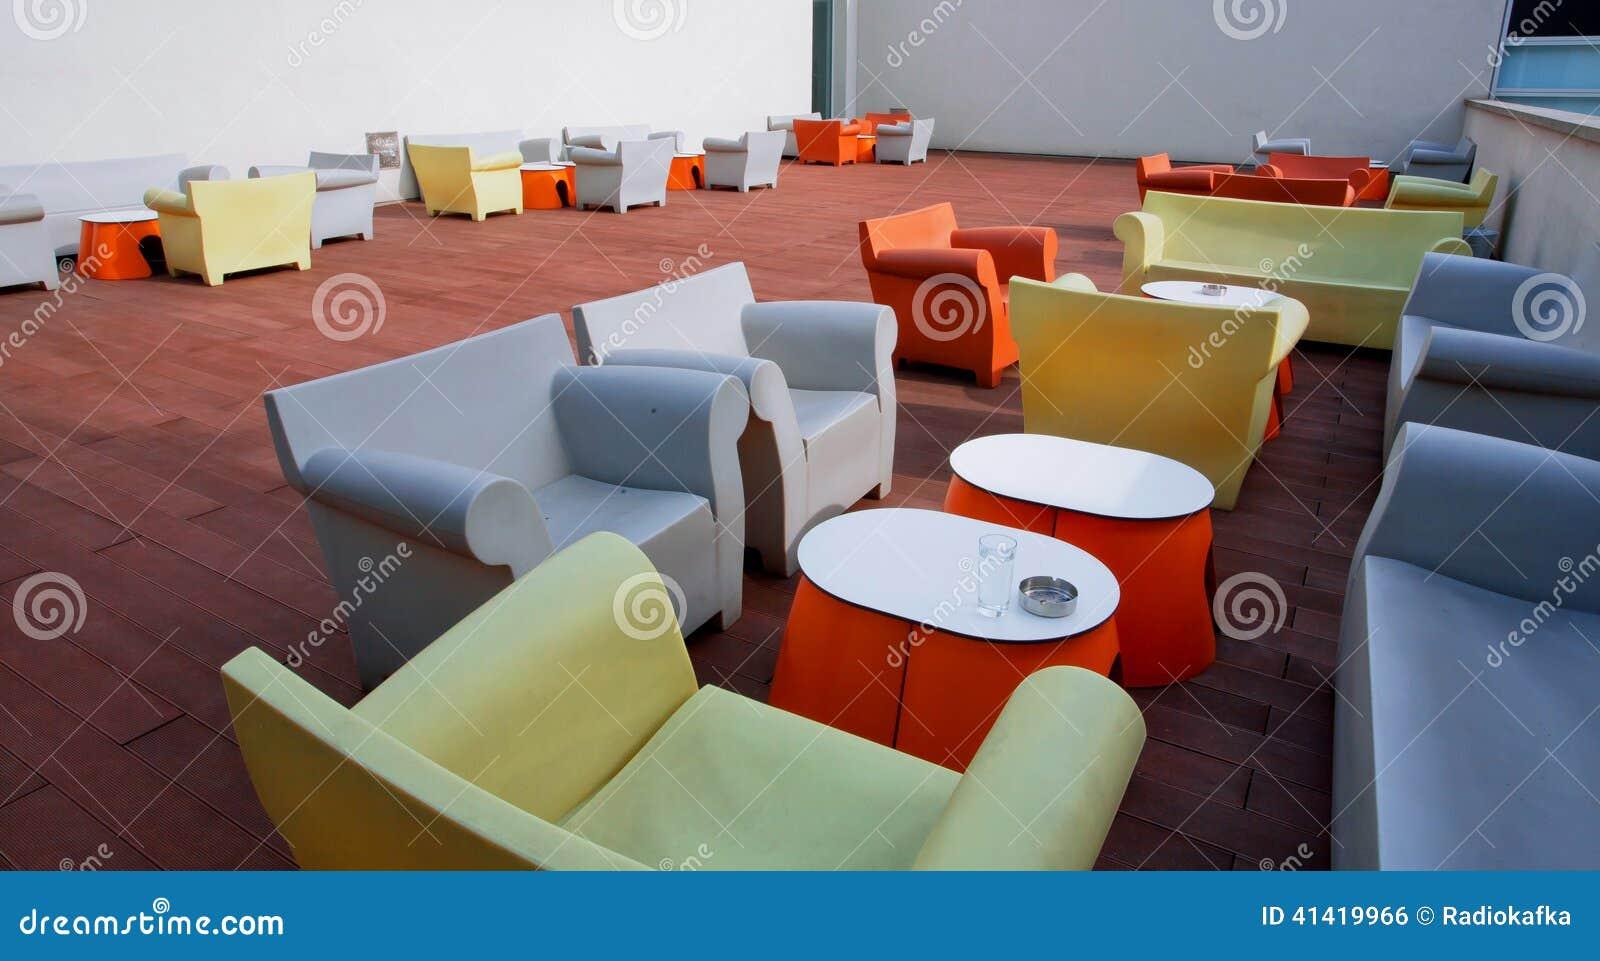 365b37b7c412 Sitio De Diseño Interior Con Las Sillas, Los Sofás Y Las Tablas Foto ...